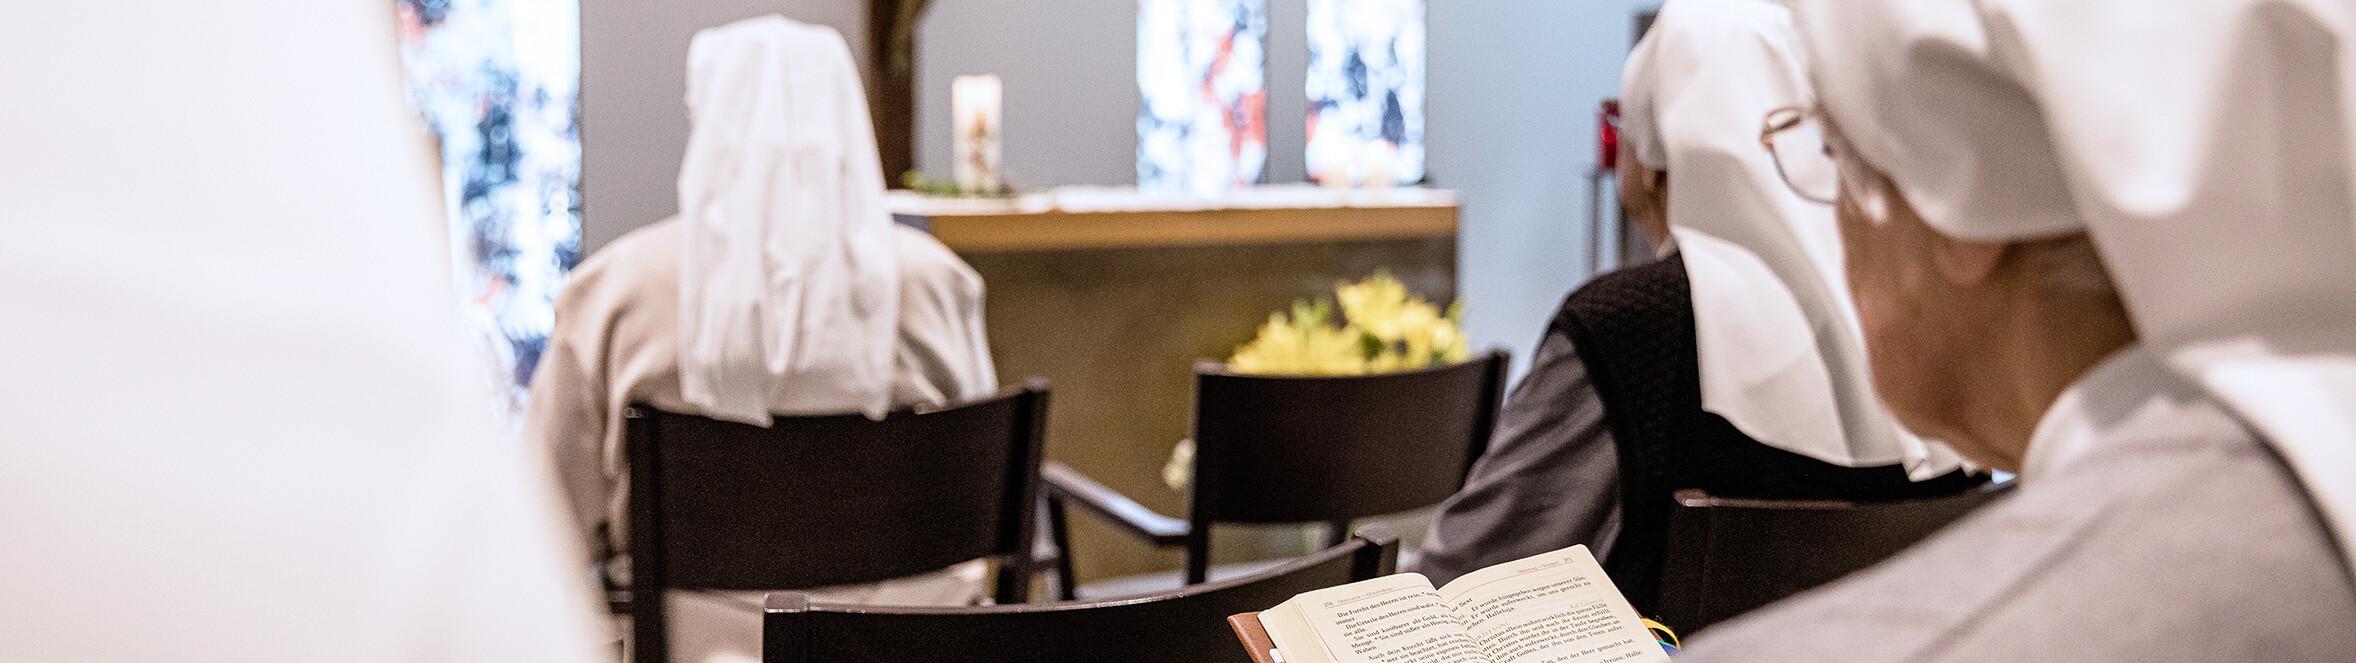 Antoniushaus der Kreuzschwestern in Feldkirch, Vorarlberg, Ordensschwestern im Gebet